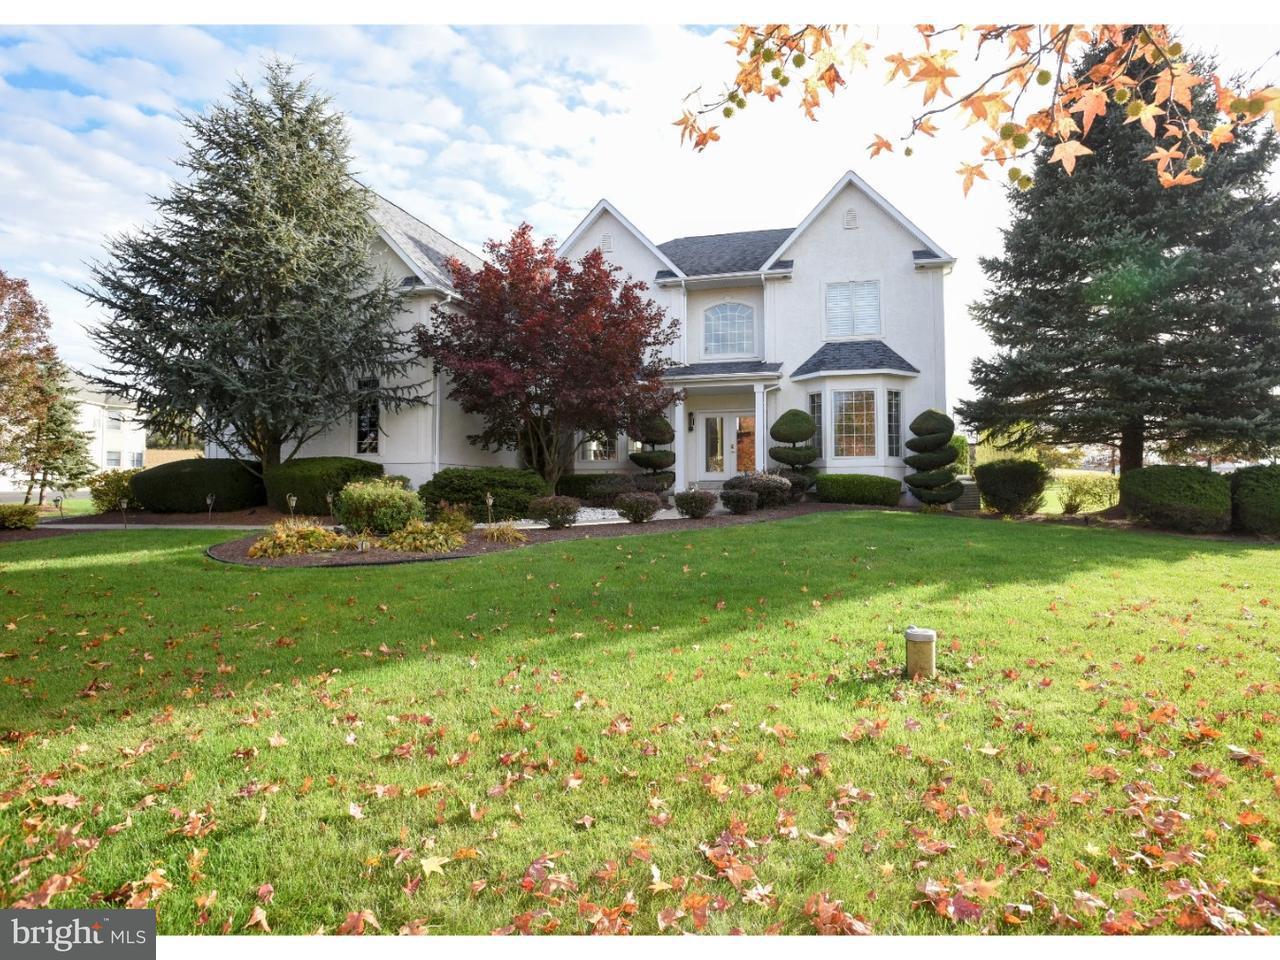 Частный односемейный дом для того Продажа на 16 ASPEN Drive Ivyland, Пенсильвания 18974 Соединенные Штаты